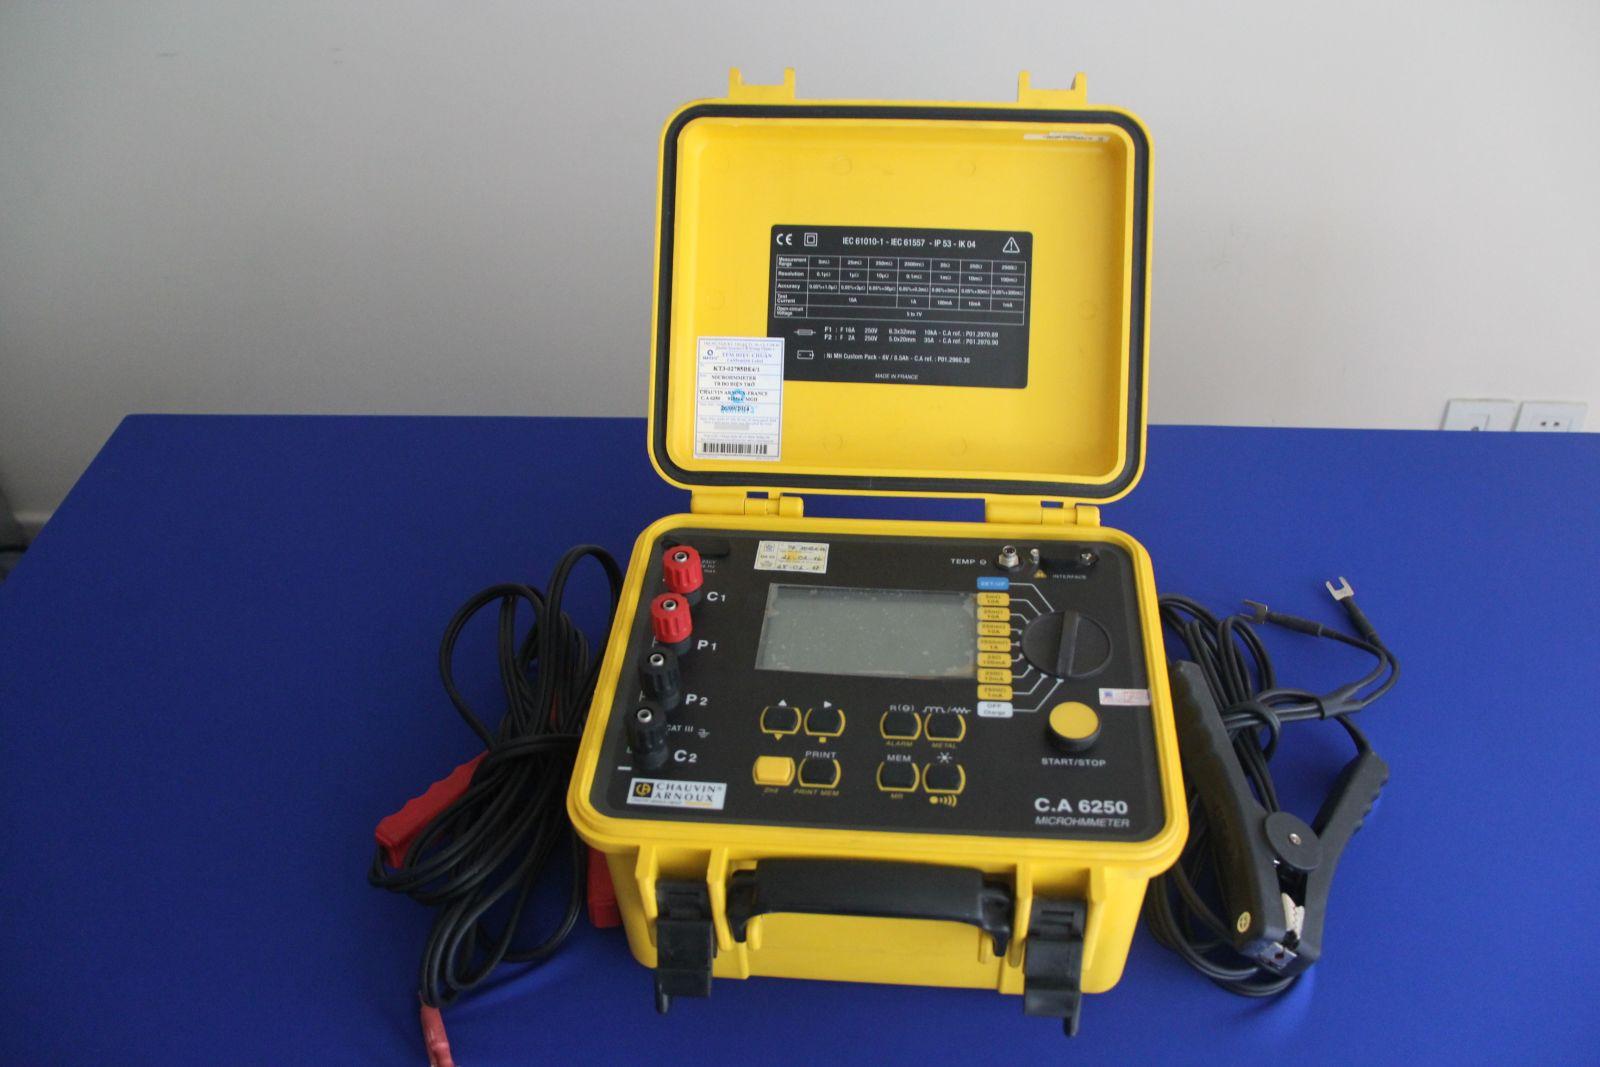 Instrument For Testing Vehicle Relay Tester Test Kit Programa Sverker 750